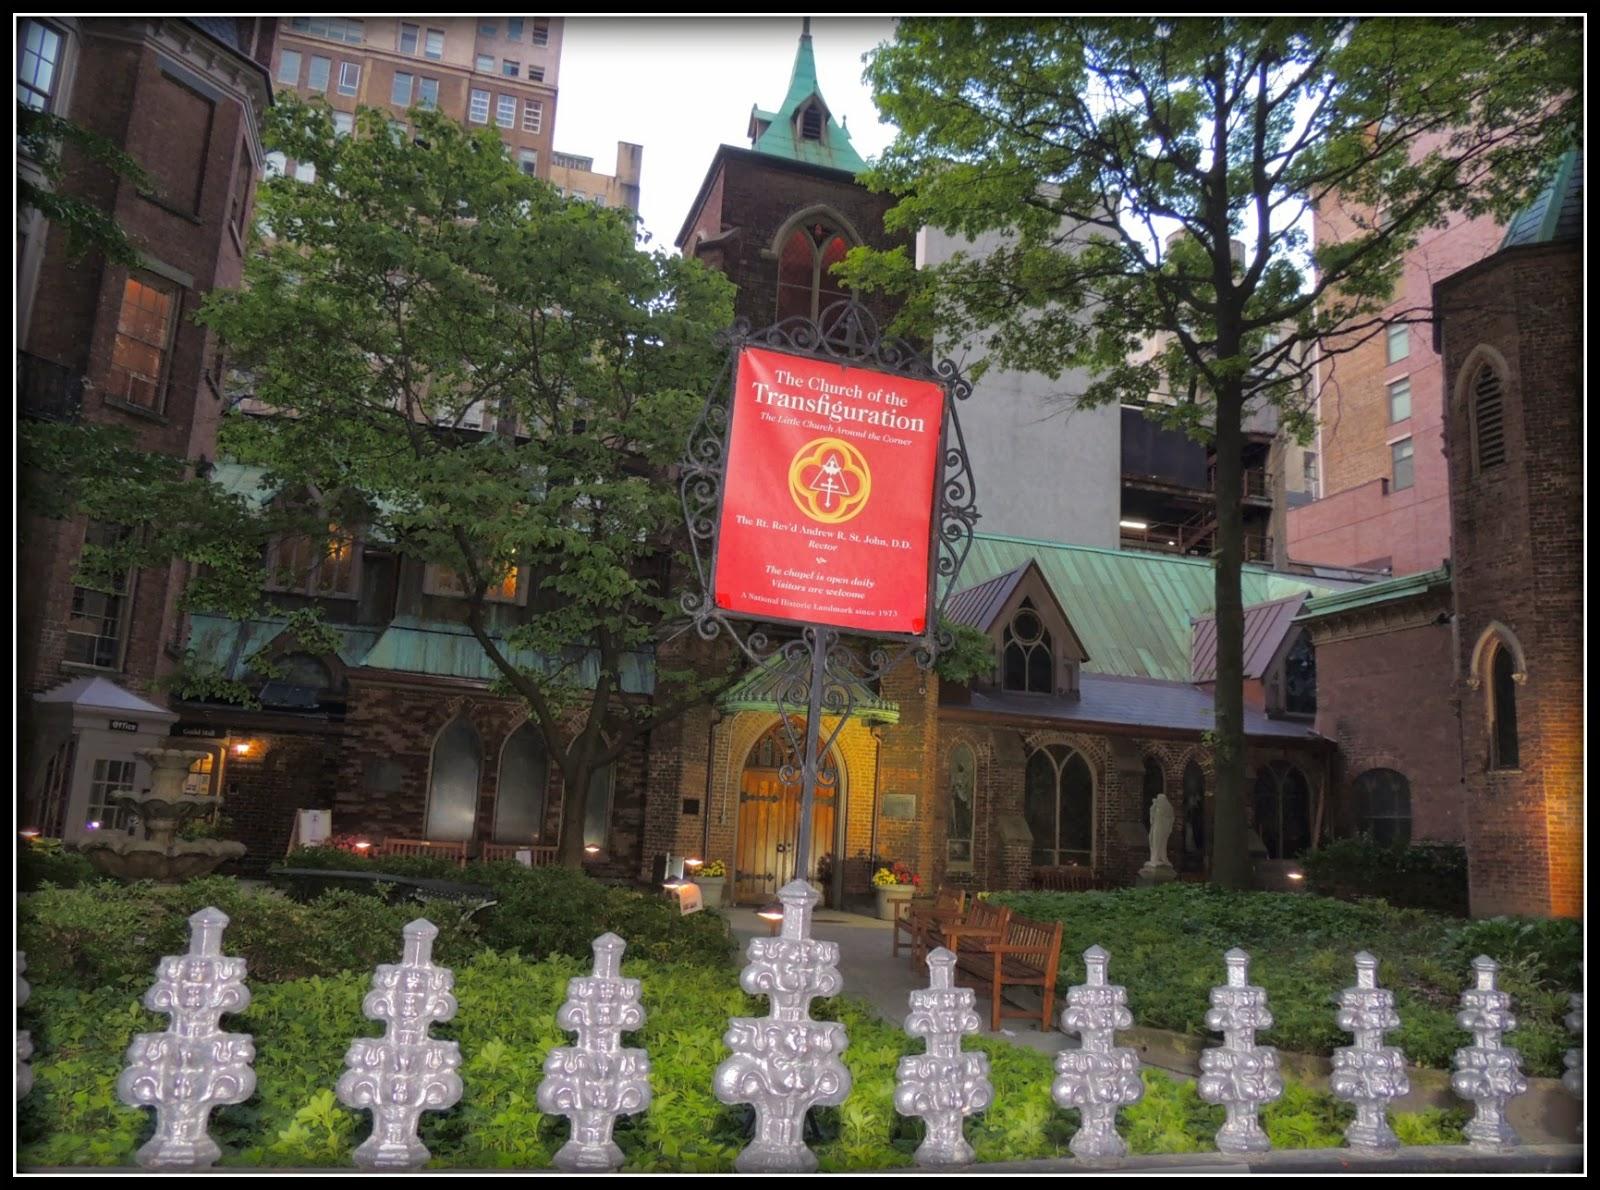 Nueva York en 3 Días: Iglesia Episcopal de la Transfiguración